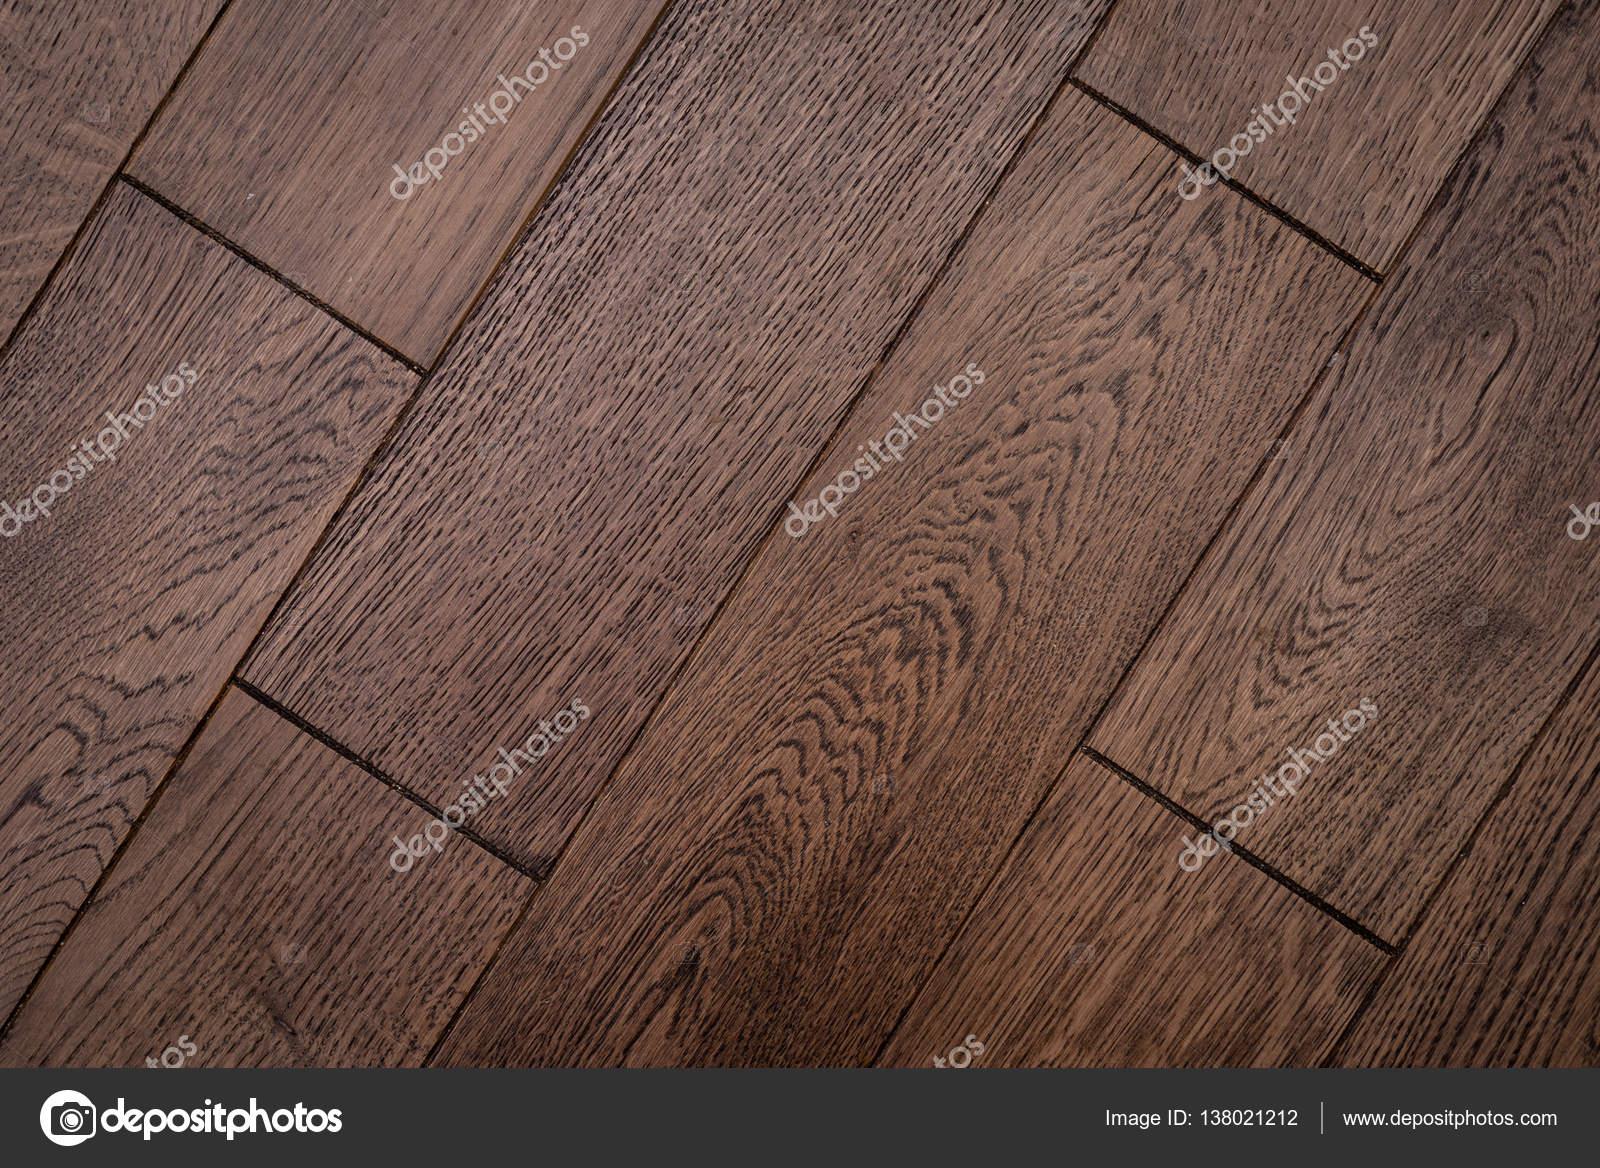 Parkett dunkel textur  Textur der feinen dunklen braunen Parkett — Stockfoto © pproman ...